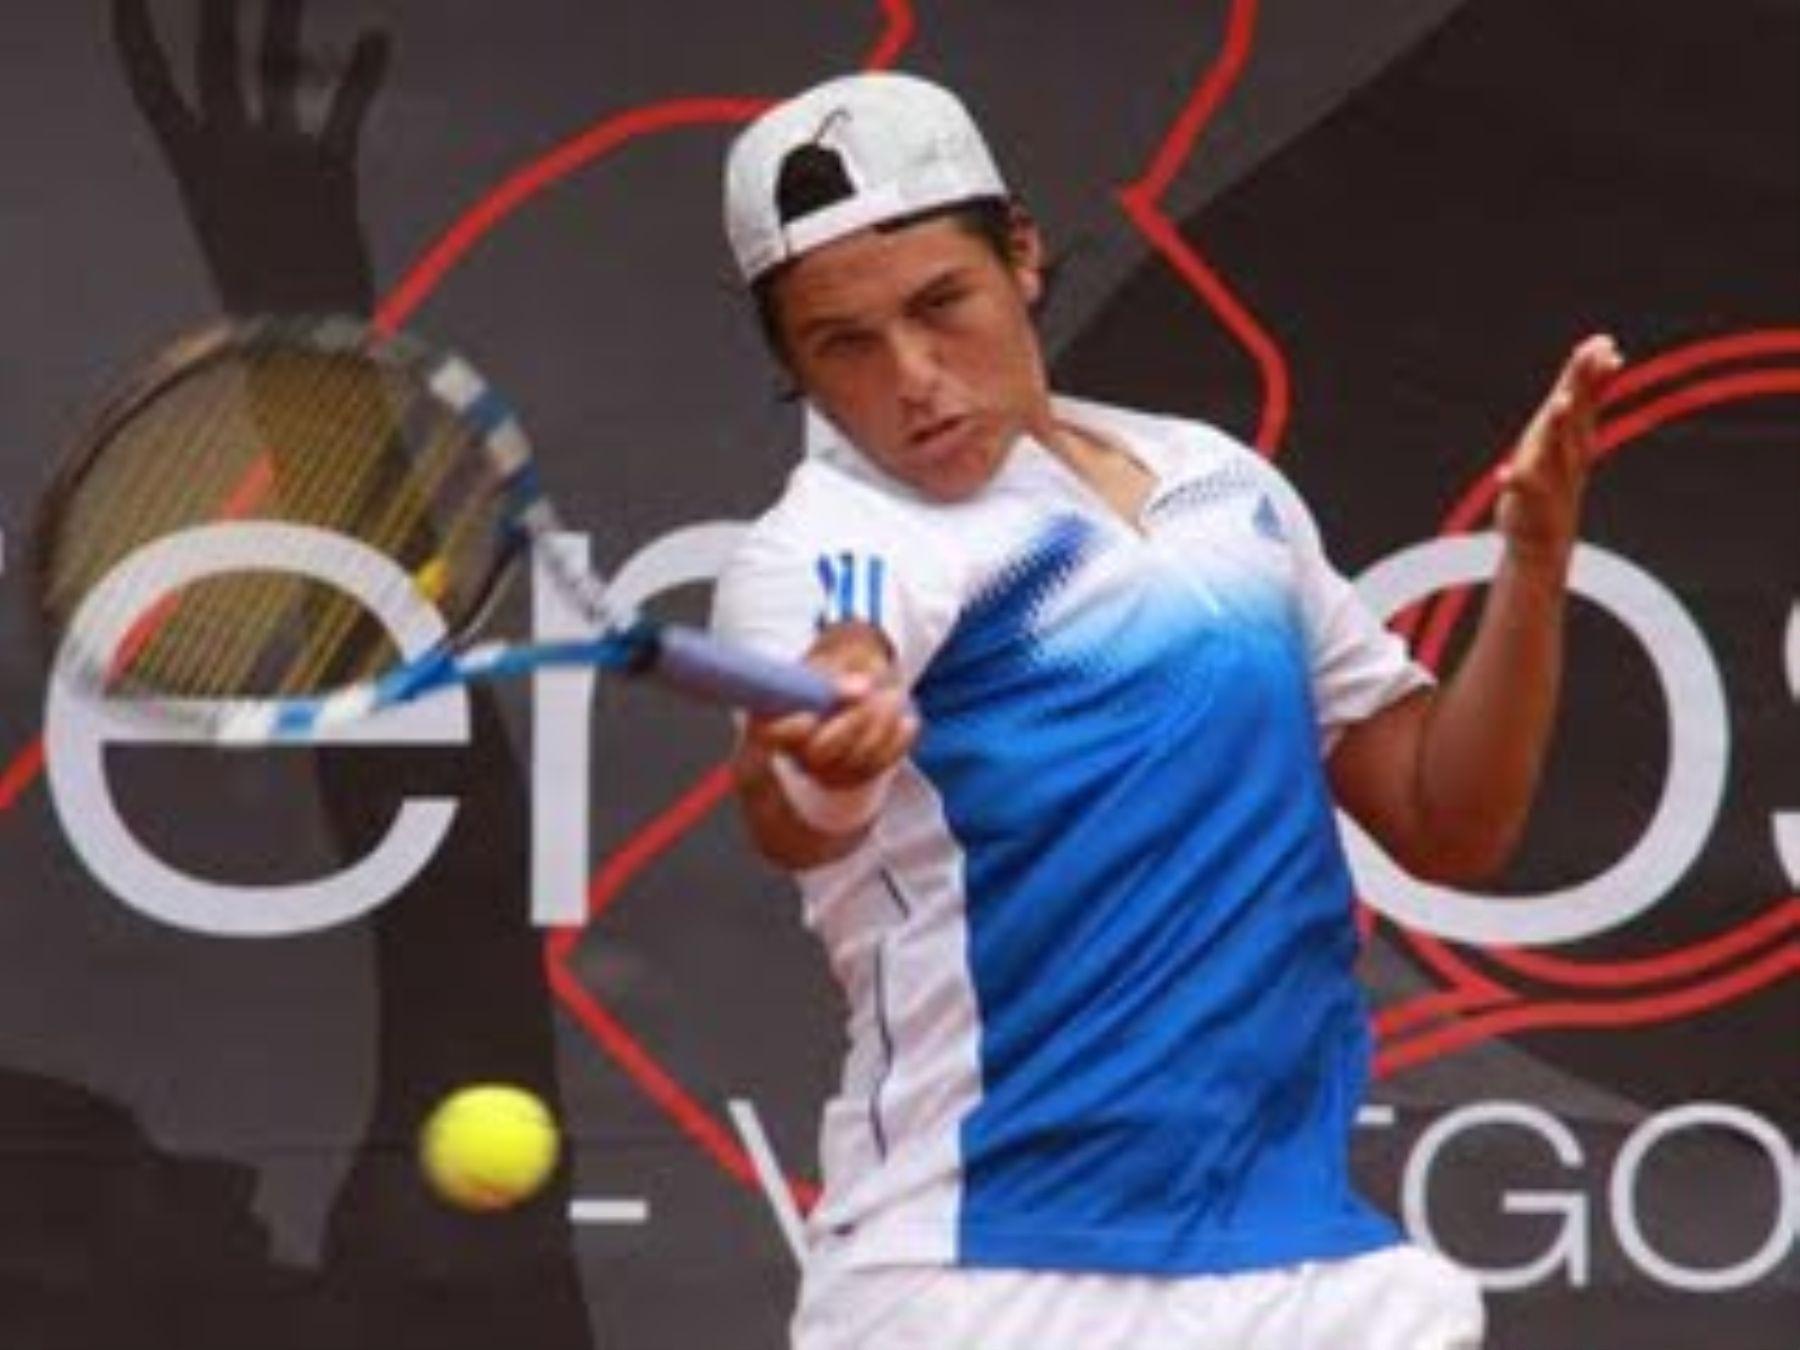 Circuito Tenis : Panta lamachkine y zivniceck llegan a las semifinales del